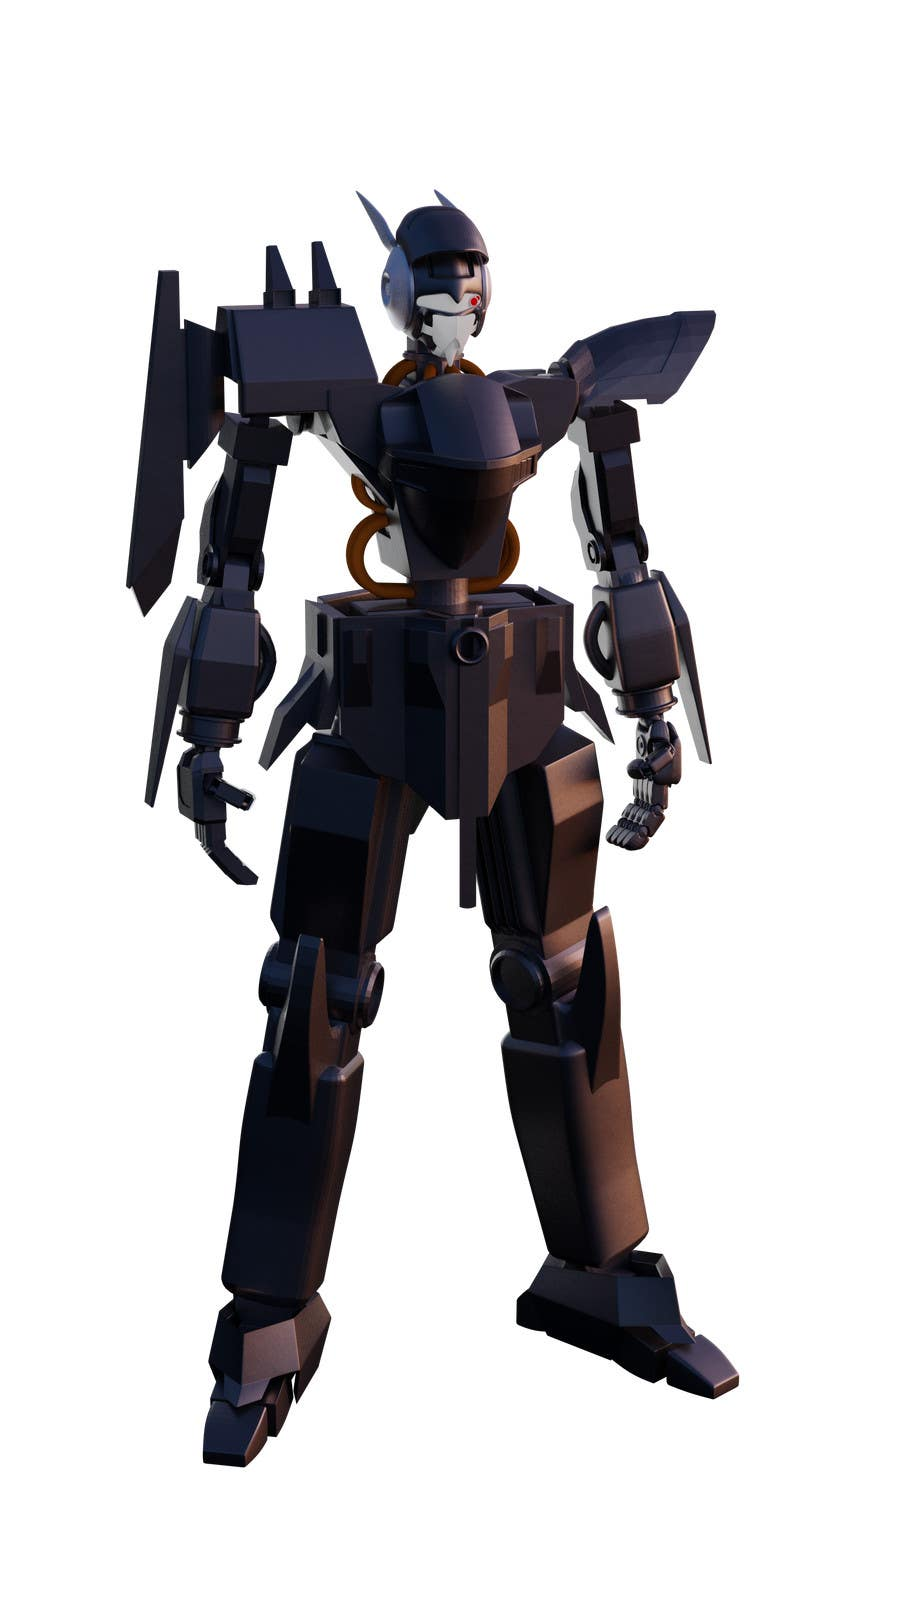 Bài tham dự cuộc thi #                                        28                                      cho                                         Anime Super Robot 3D Model Textured Rigged